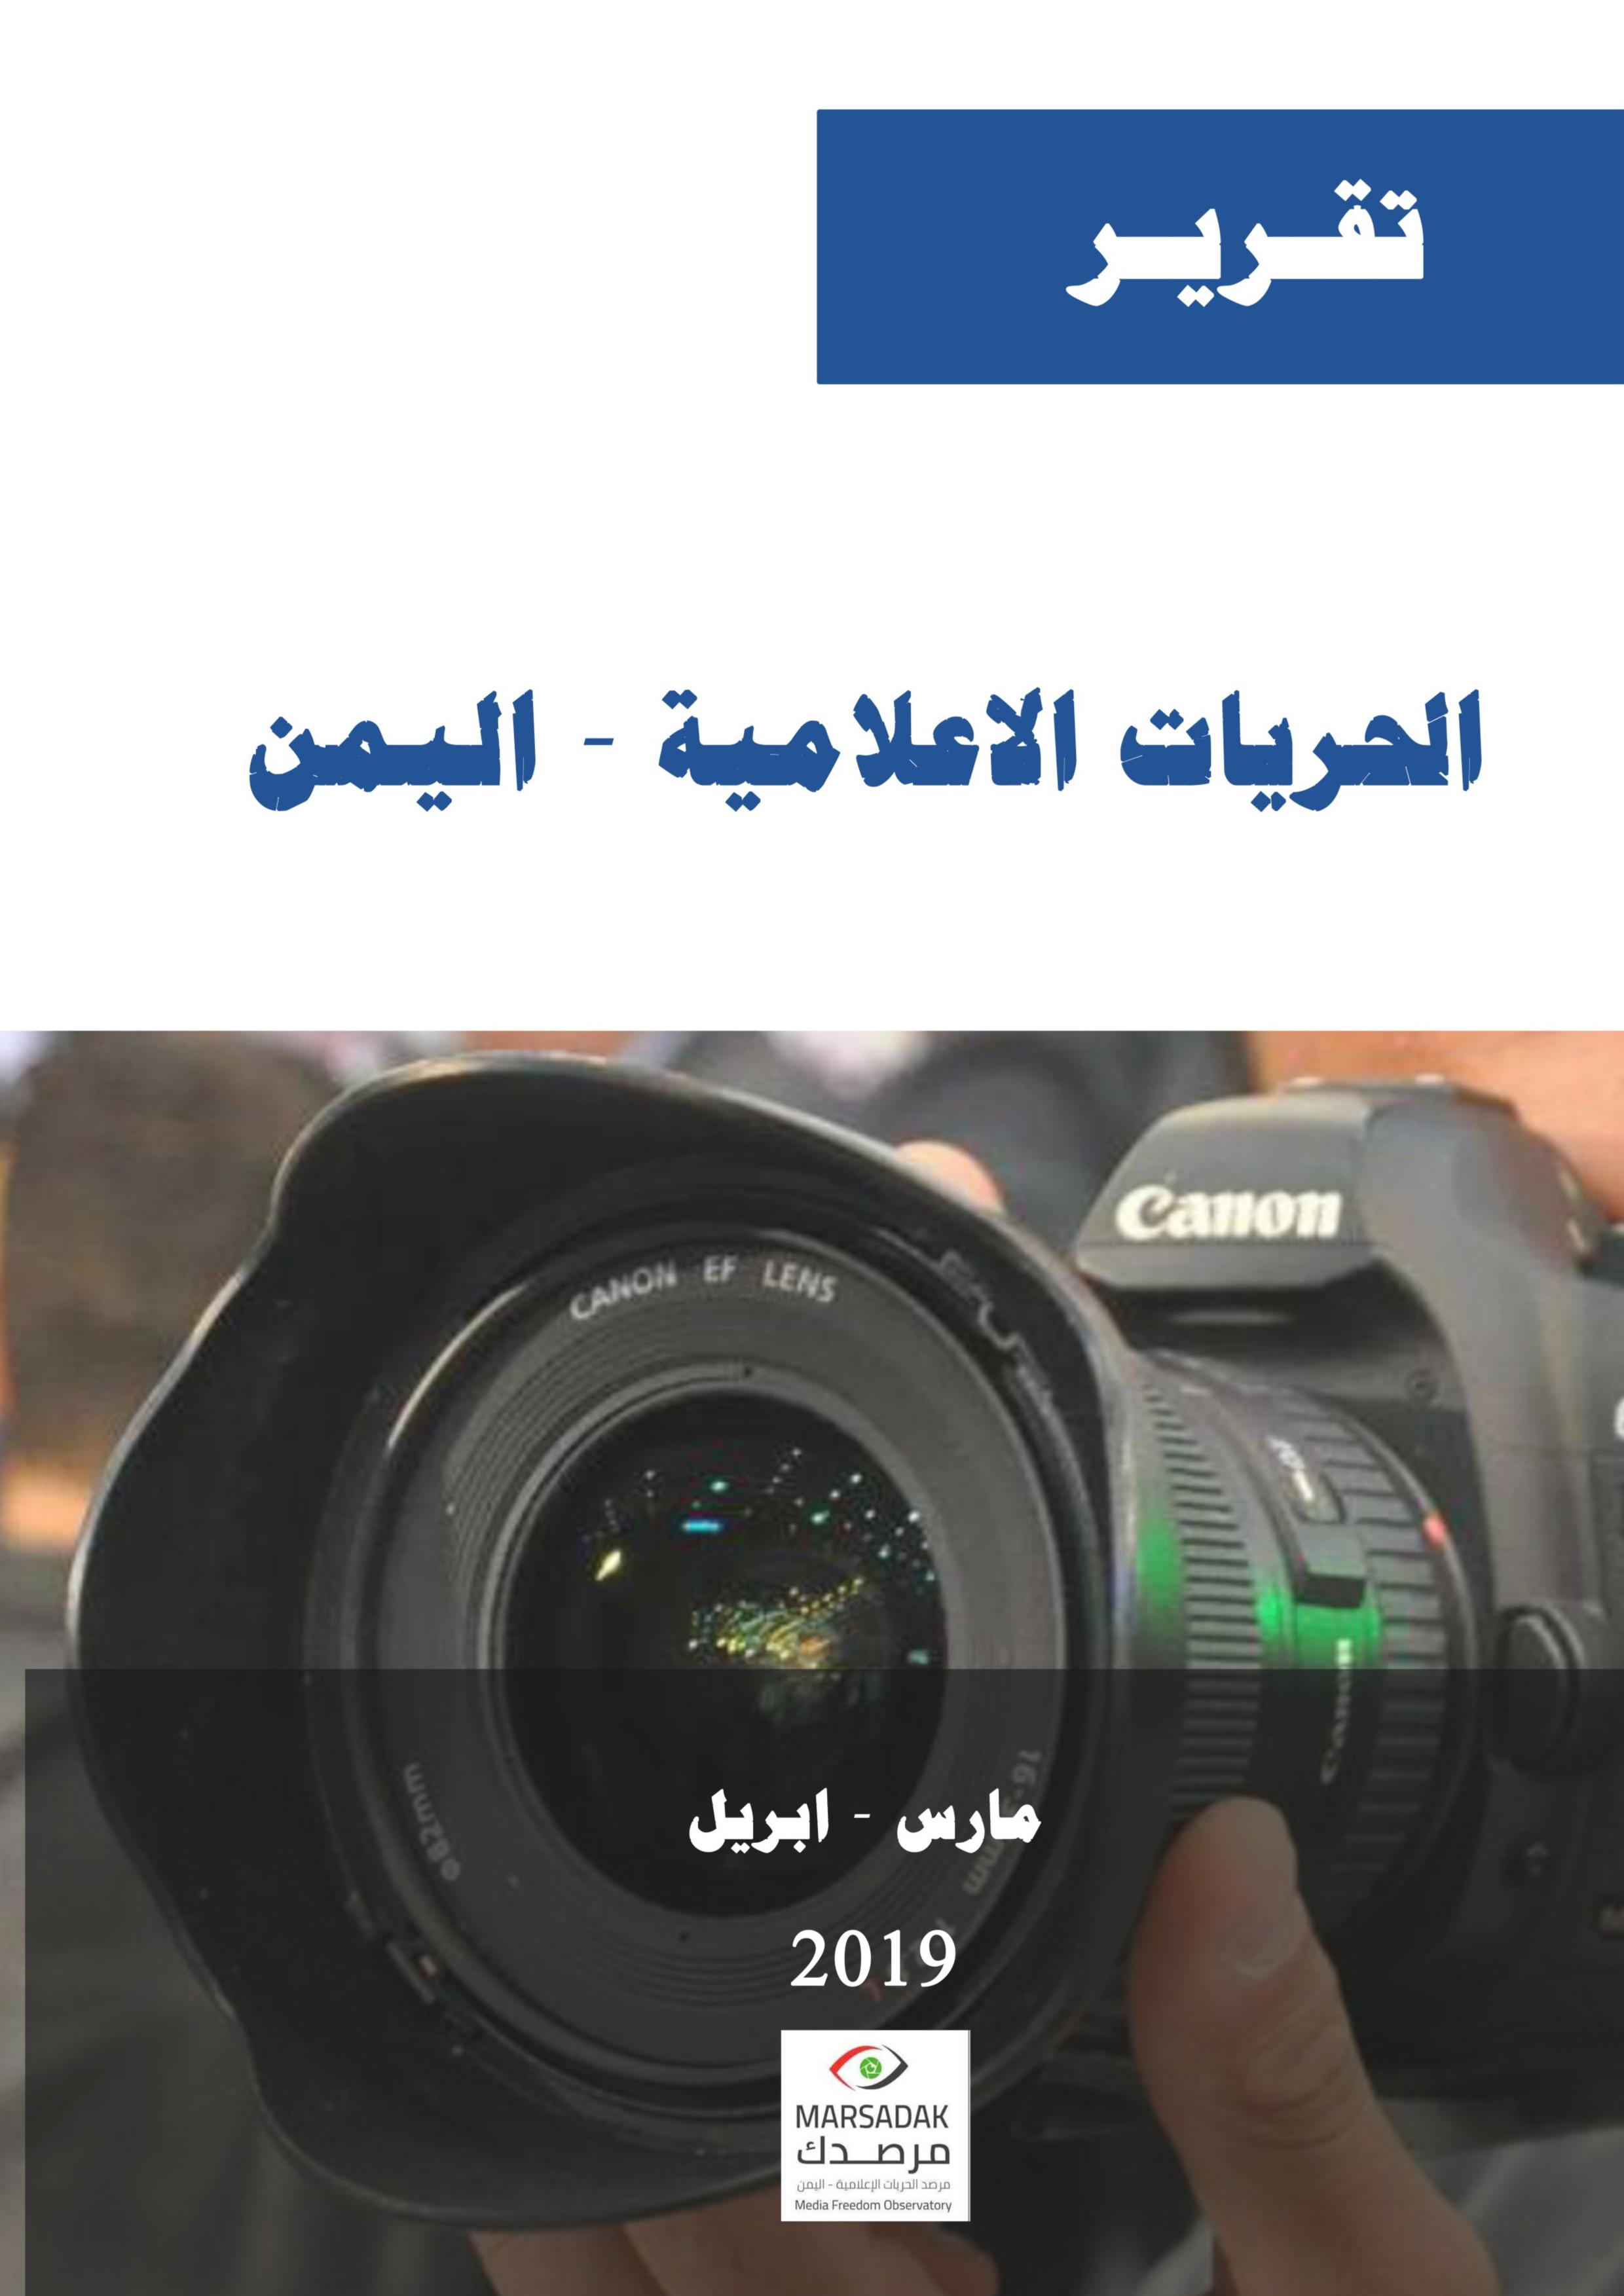 مرصد الحريات الاعلامية :15 انتهاك  للحريات الاعلامية خلال الشهرين الماضيين